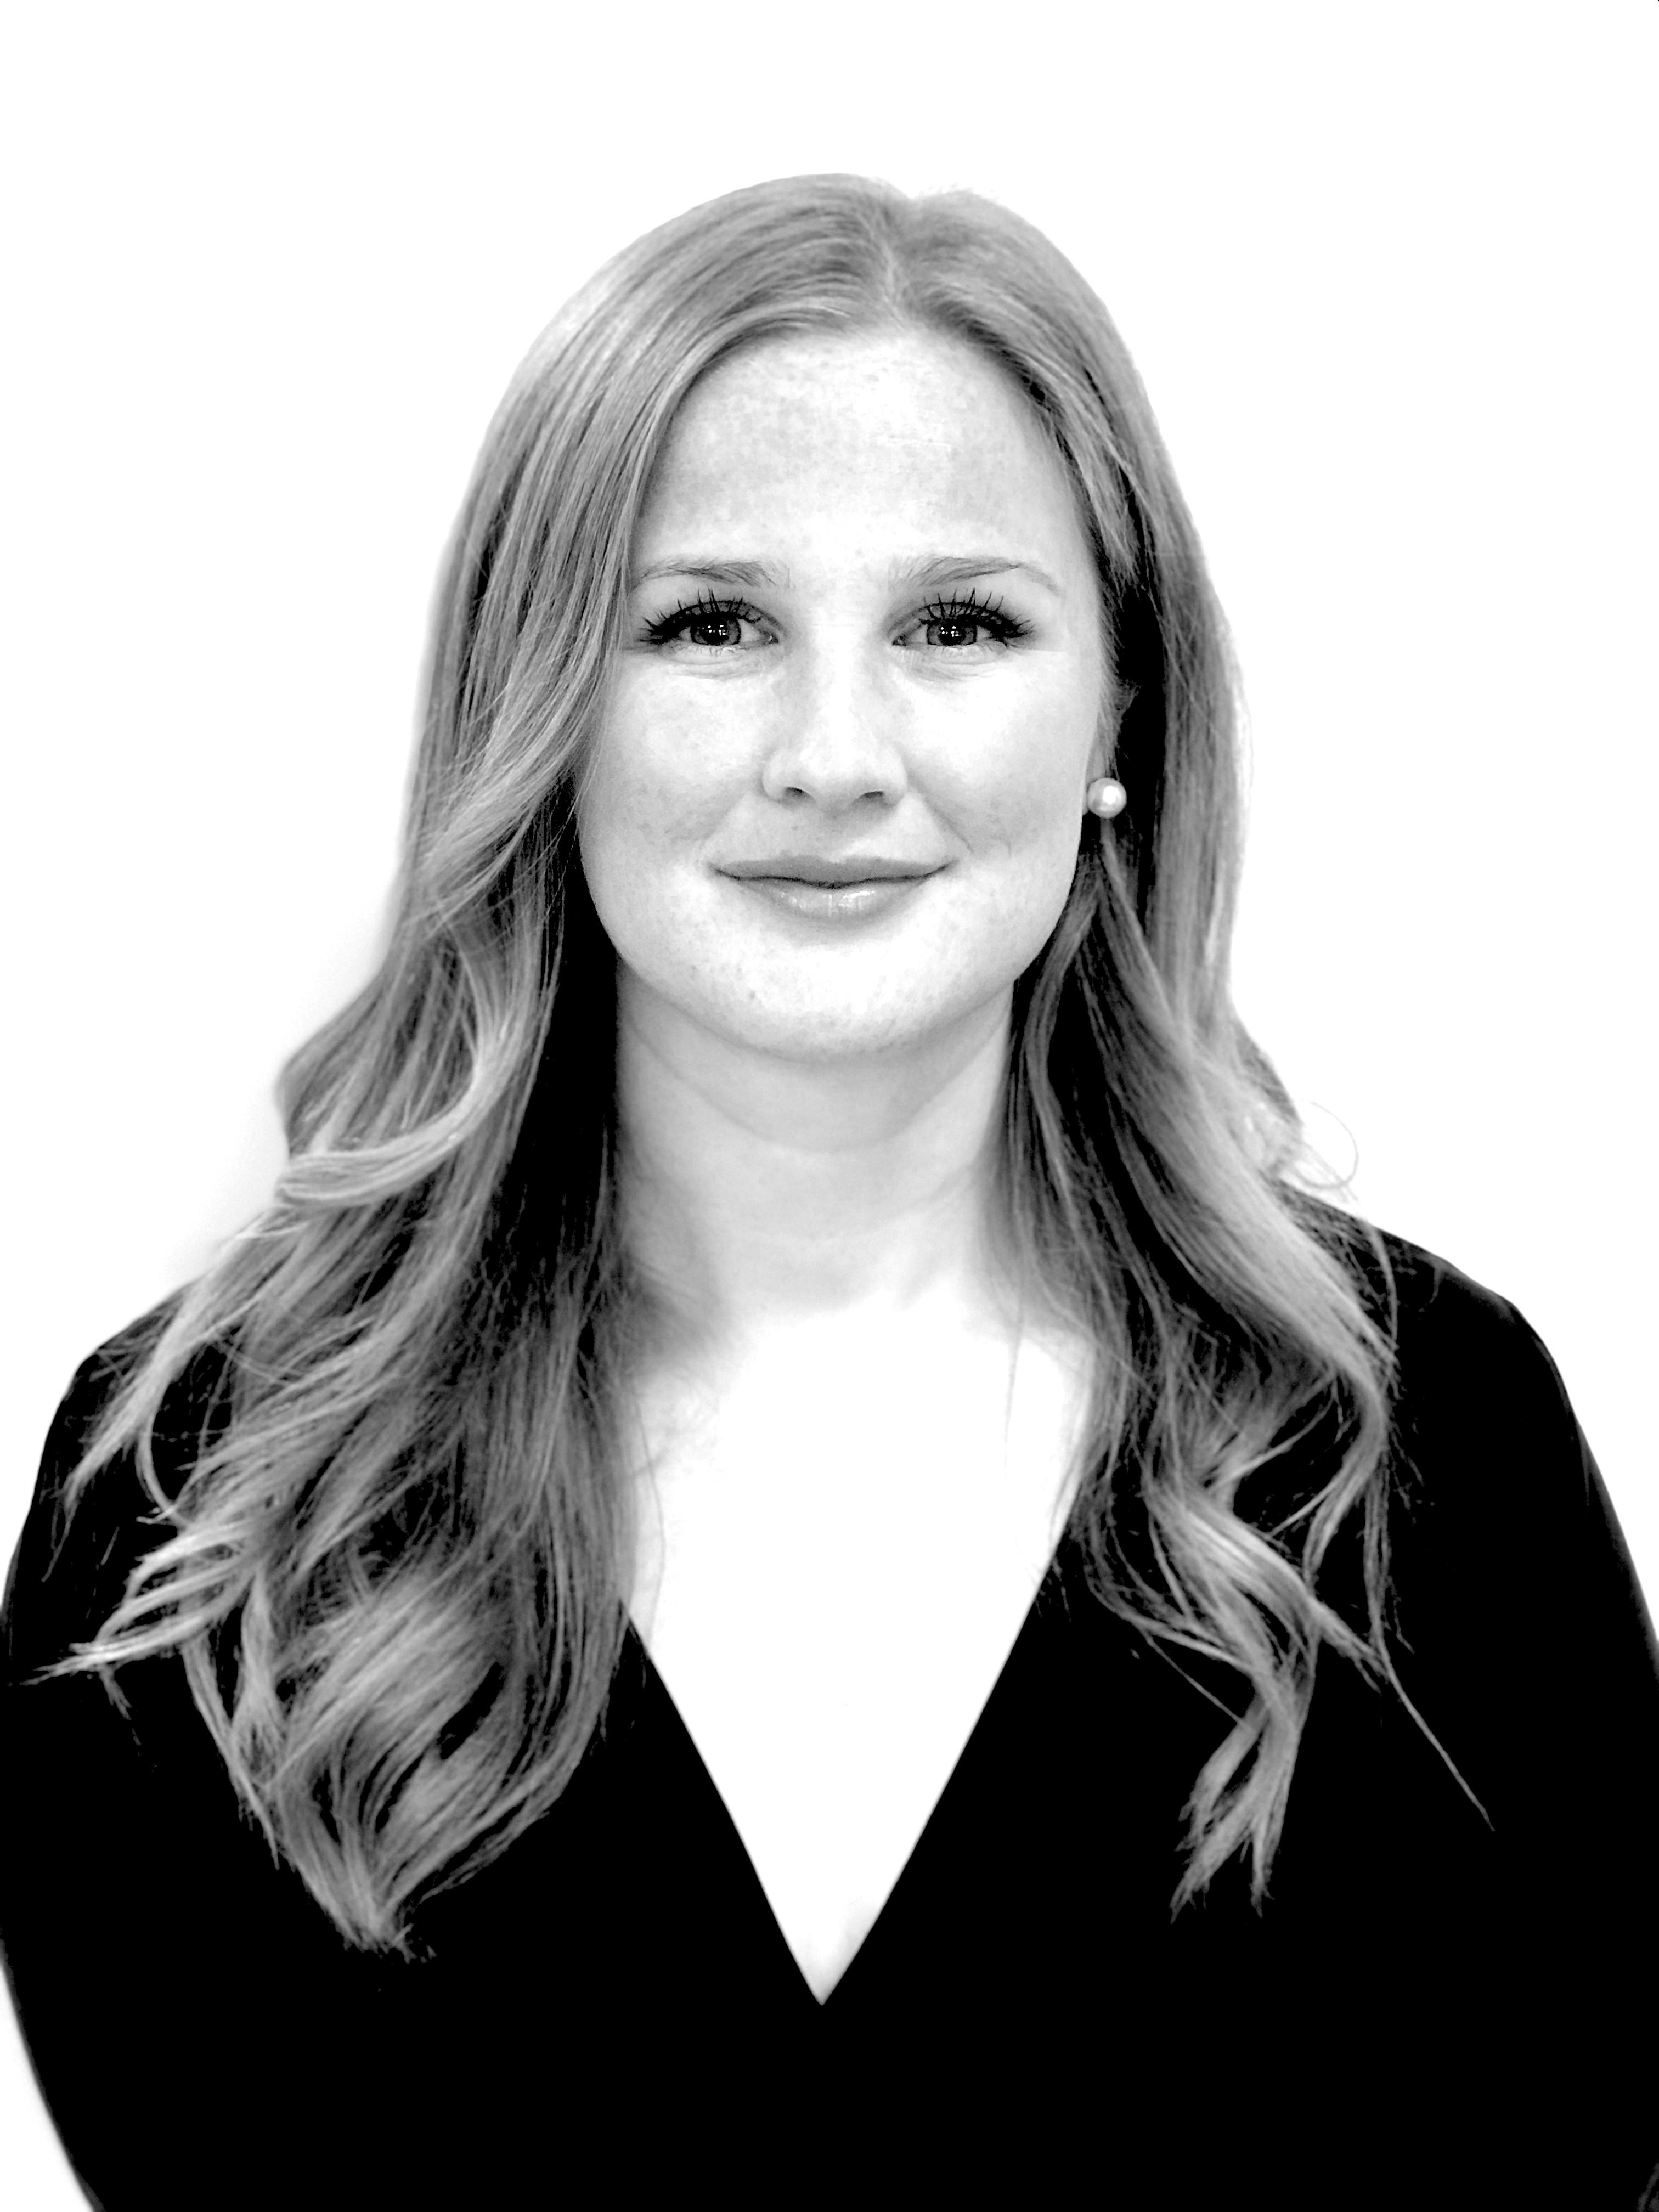 Charlotte Ornstein